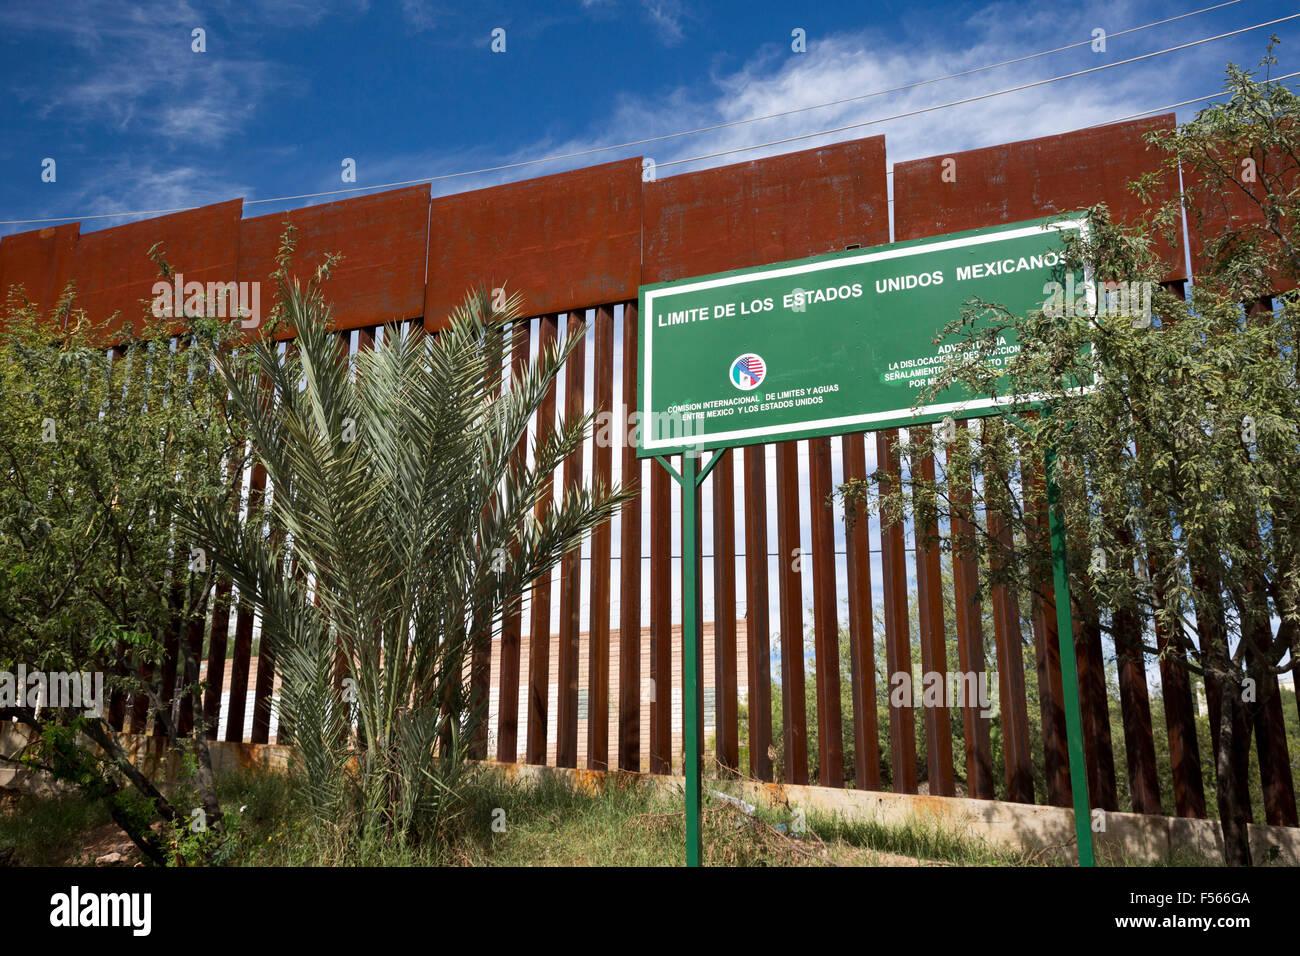 Nogales, Sonora Mexiko - Grenze Marker auf der mexikanischen Seite des Zauns, die die Vereinigten Staaten und Mexiko Stockbild